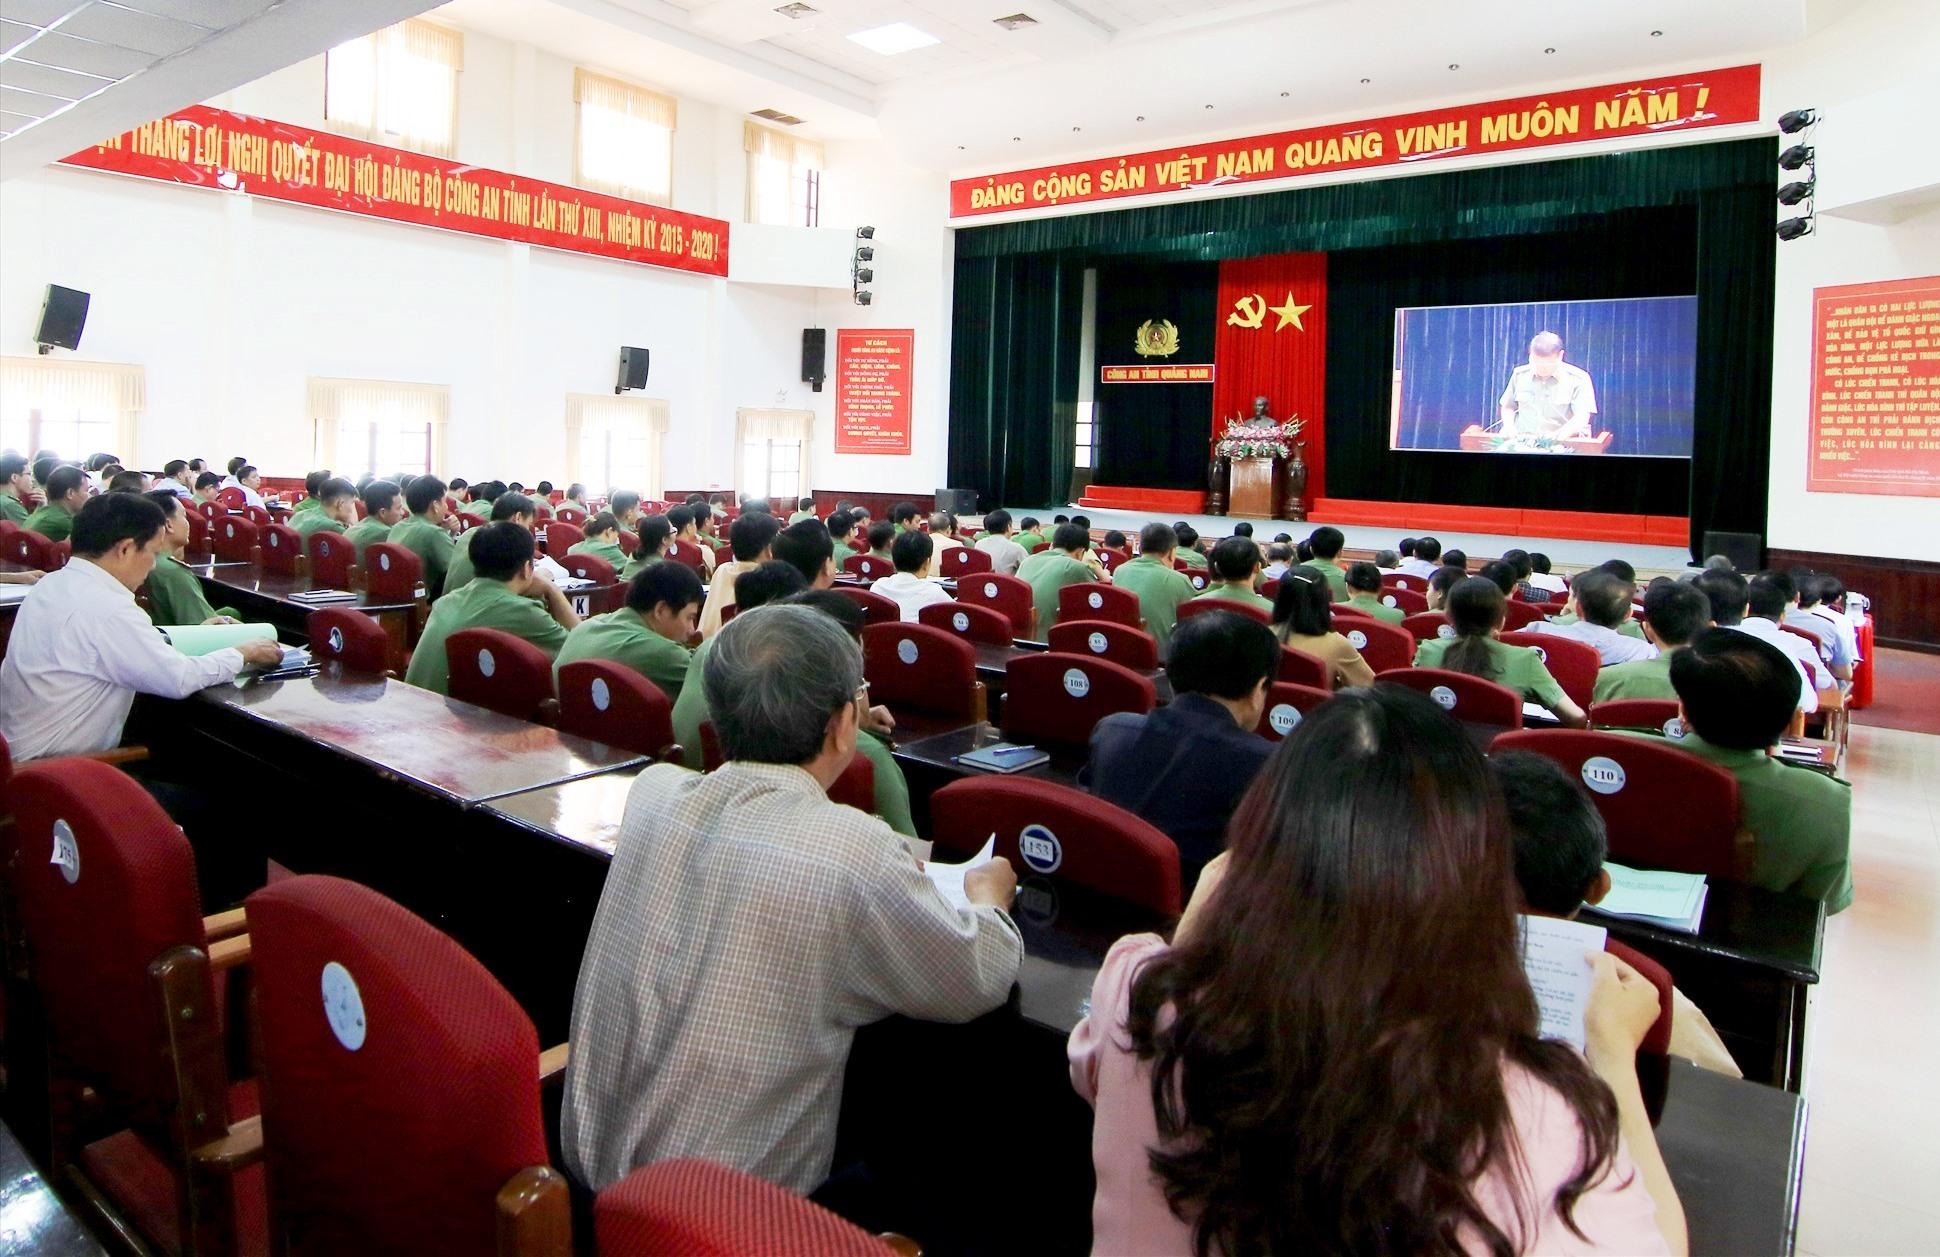 Các đại biểu tham dự hội nghị trực tuyến. Ảnh: T.C